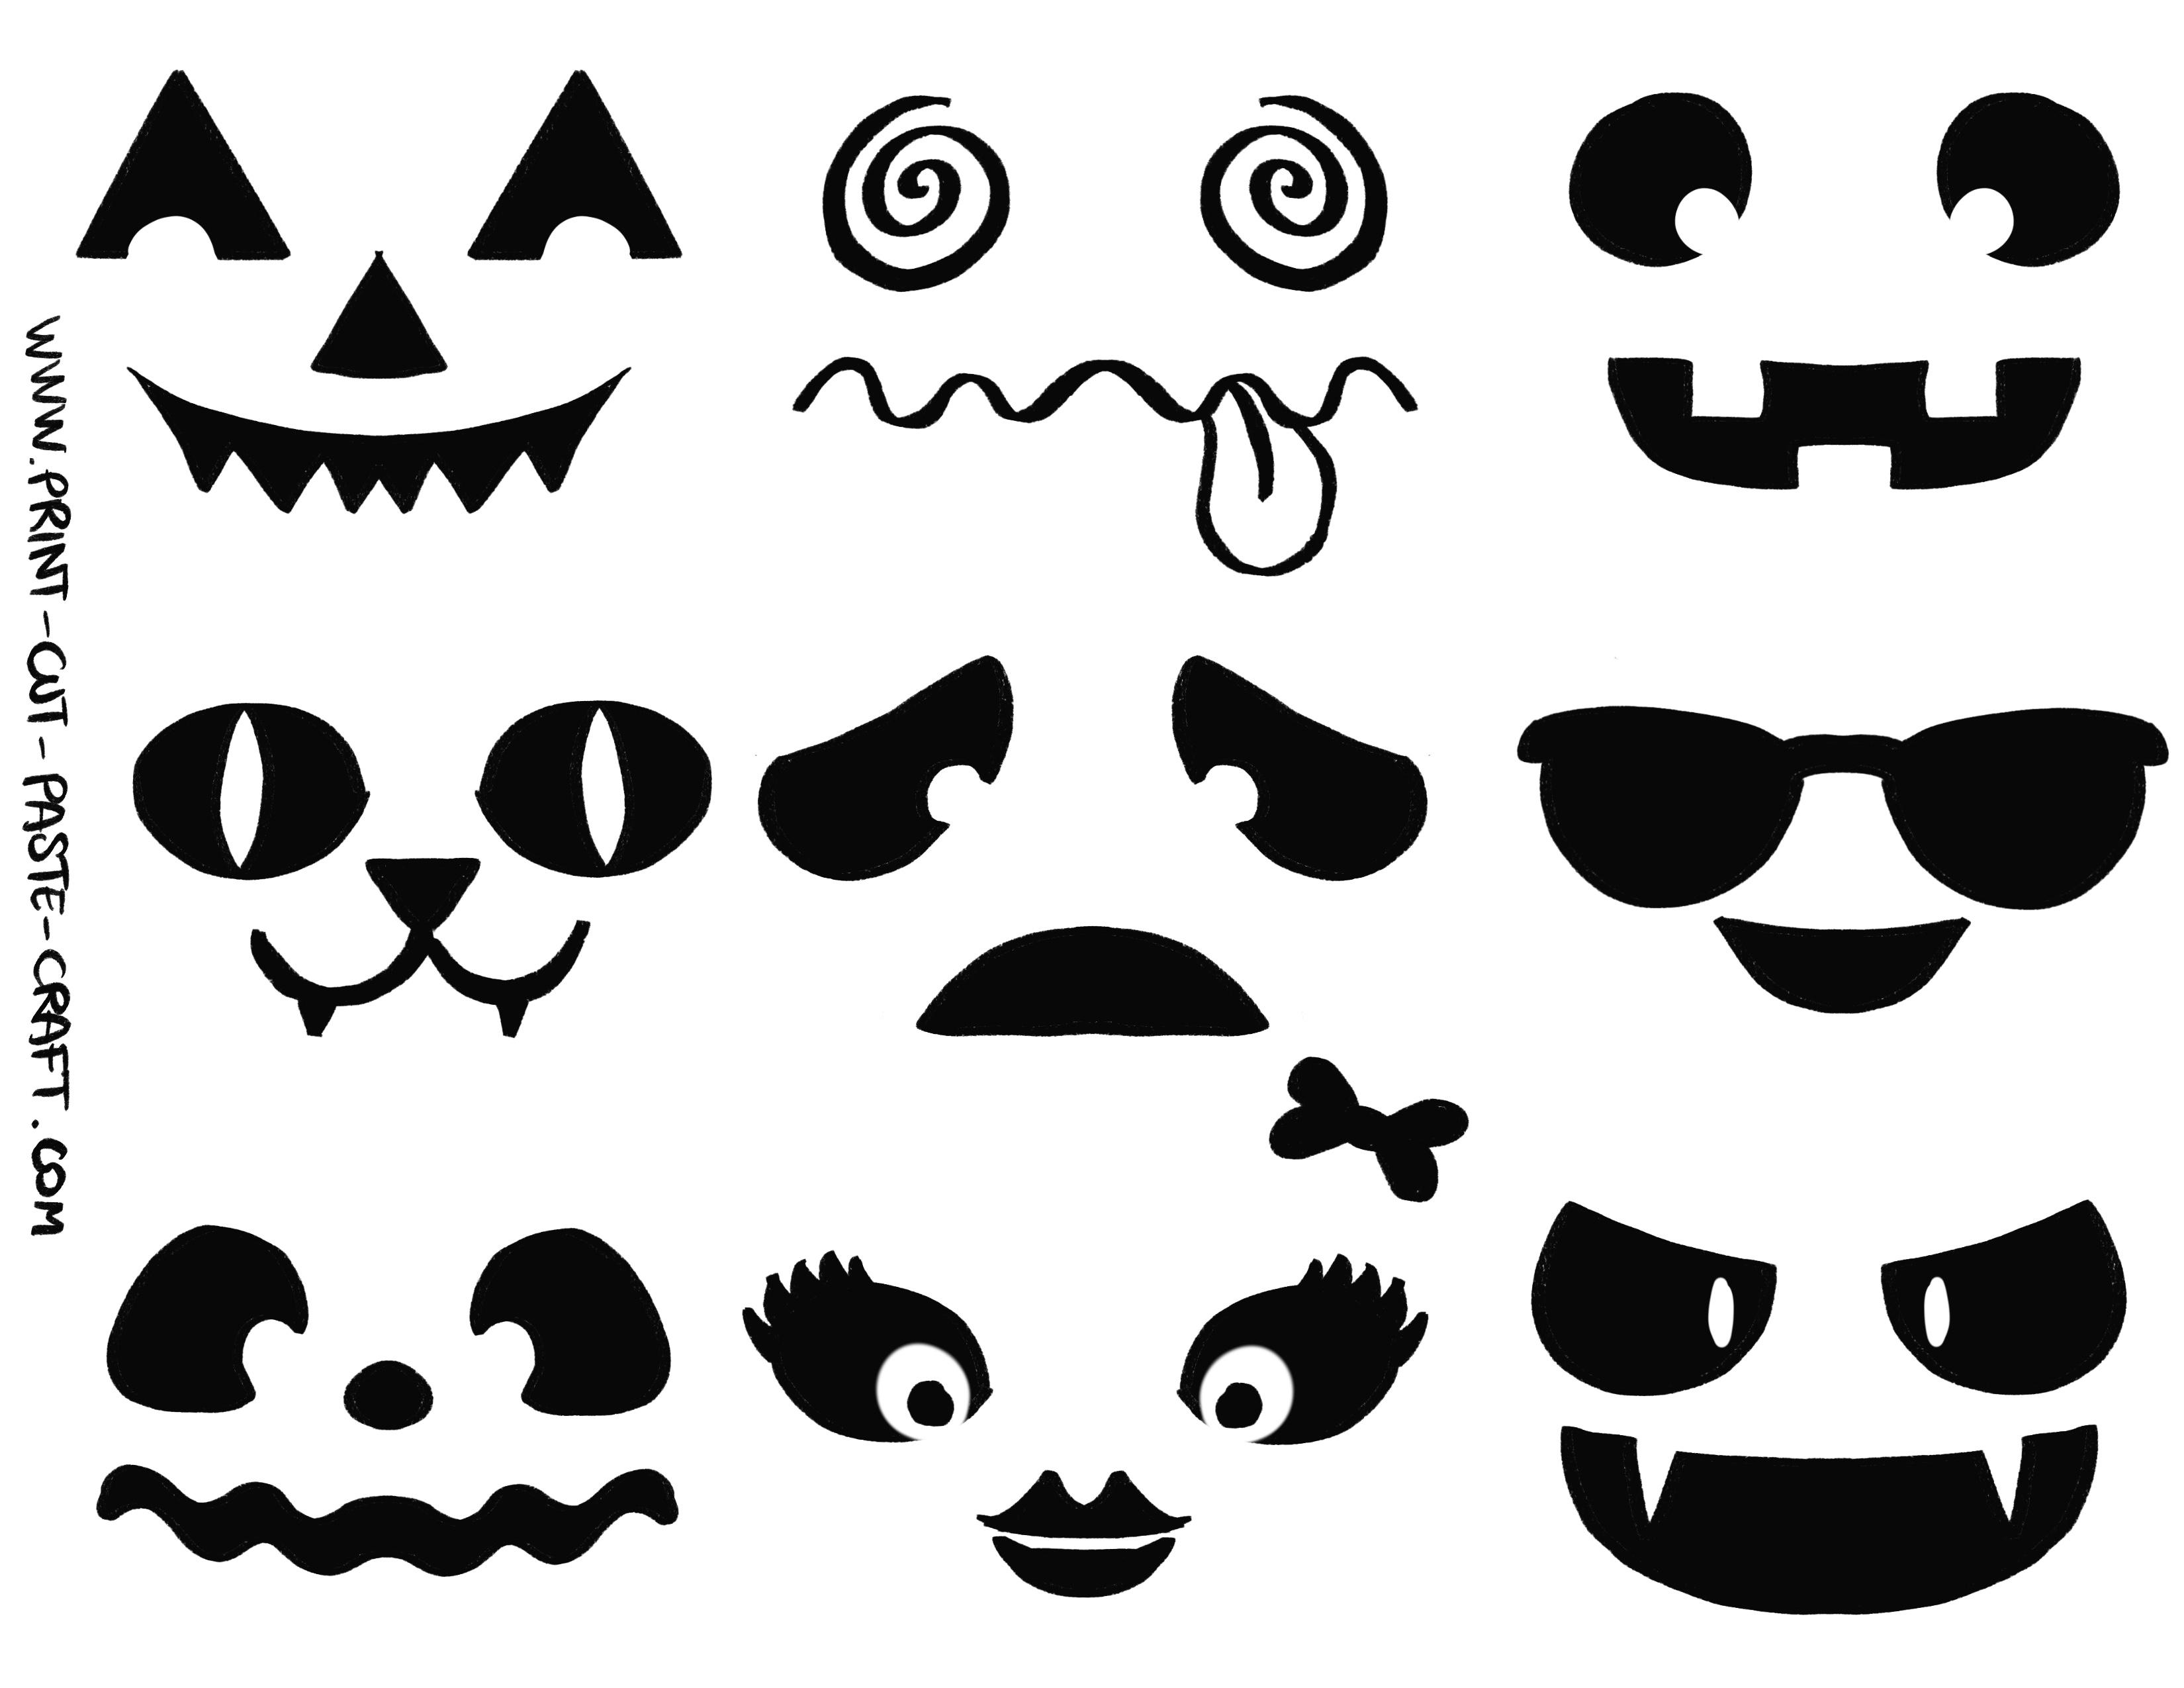 Free Printable Halloween Craft Jack O Lanterns